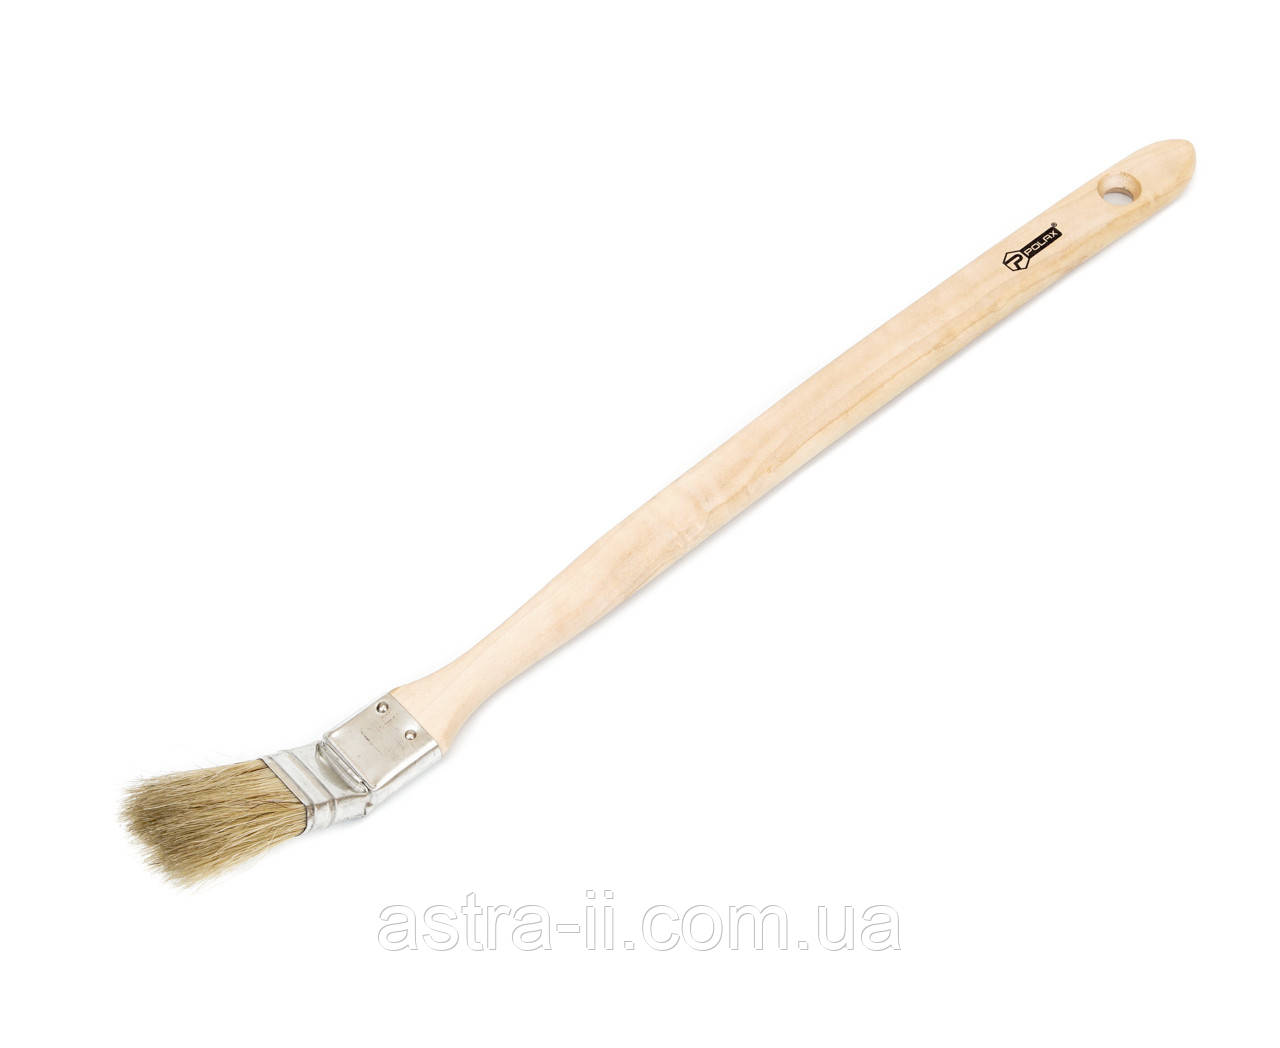 """13-001 Кисть радиаторная, """"Стандарт"""" 1""""деревянная ручка"""